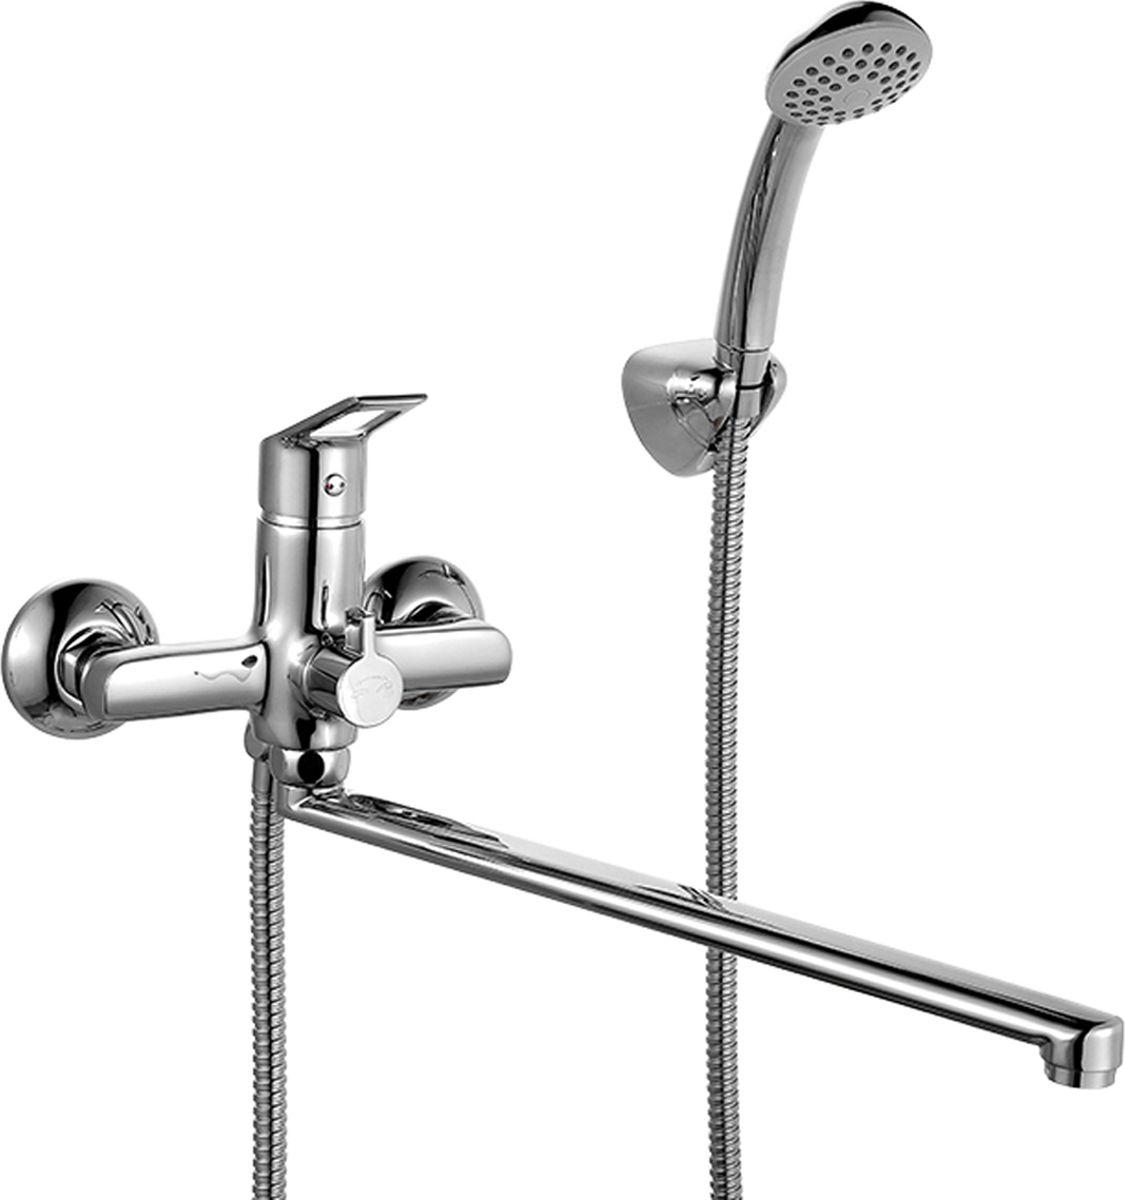 Смеситель для ванны Milardo Amur, с длинным изливом, цвет: хромAMUSBLCM10Смеситель для ванны Milardo Amur изготовлен из высококачественной первичной латуни, прочной, безопасной и стойкой к коррозии. Инновационные технологии литья и обработки латуни, а также увеличенная толщина стенок смесителя обеспечивают его стойкость к перепадам давления и температур. Увеличенное никель-хромовое покрытие полностью соответствует европейским стандартам качества, обеспечивает его стойкость и зеркальный блеск в течение всего срока службы изделия.Благодаря гладкой внутренней поверхности смесителя, рассекателям в водозапорных механизмах и аэратору он имеет минимальный уровень шума. Смеситель оборудован керамическим дивертором, чей сверхнадежный механизм обеспечивает плавное и мягкое переключение с излива на душ, а также непревзойденную надежность при любом давлении воды. В комплект входят лейка и шланг из нержавеющей стали длиной 1,5 м с защитой от перекручивания.Аэратор: съемный пластиковый.Картридж: керамический. Диаметр картриджа: 35 мм.Дивертор: керамический.Длина излива: 40,8 см.